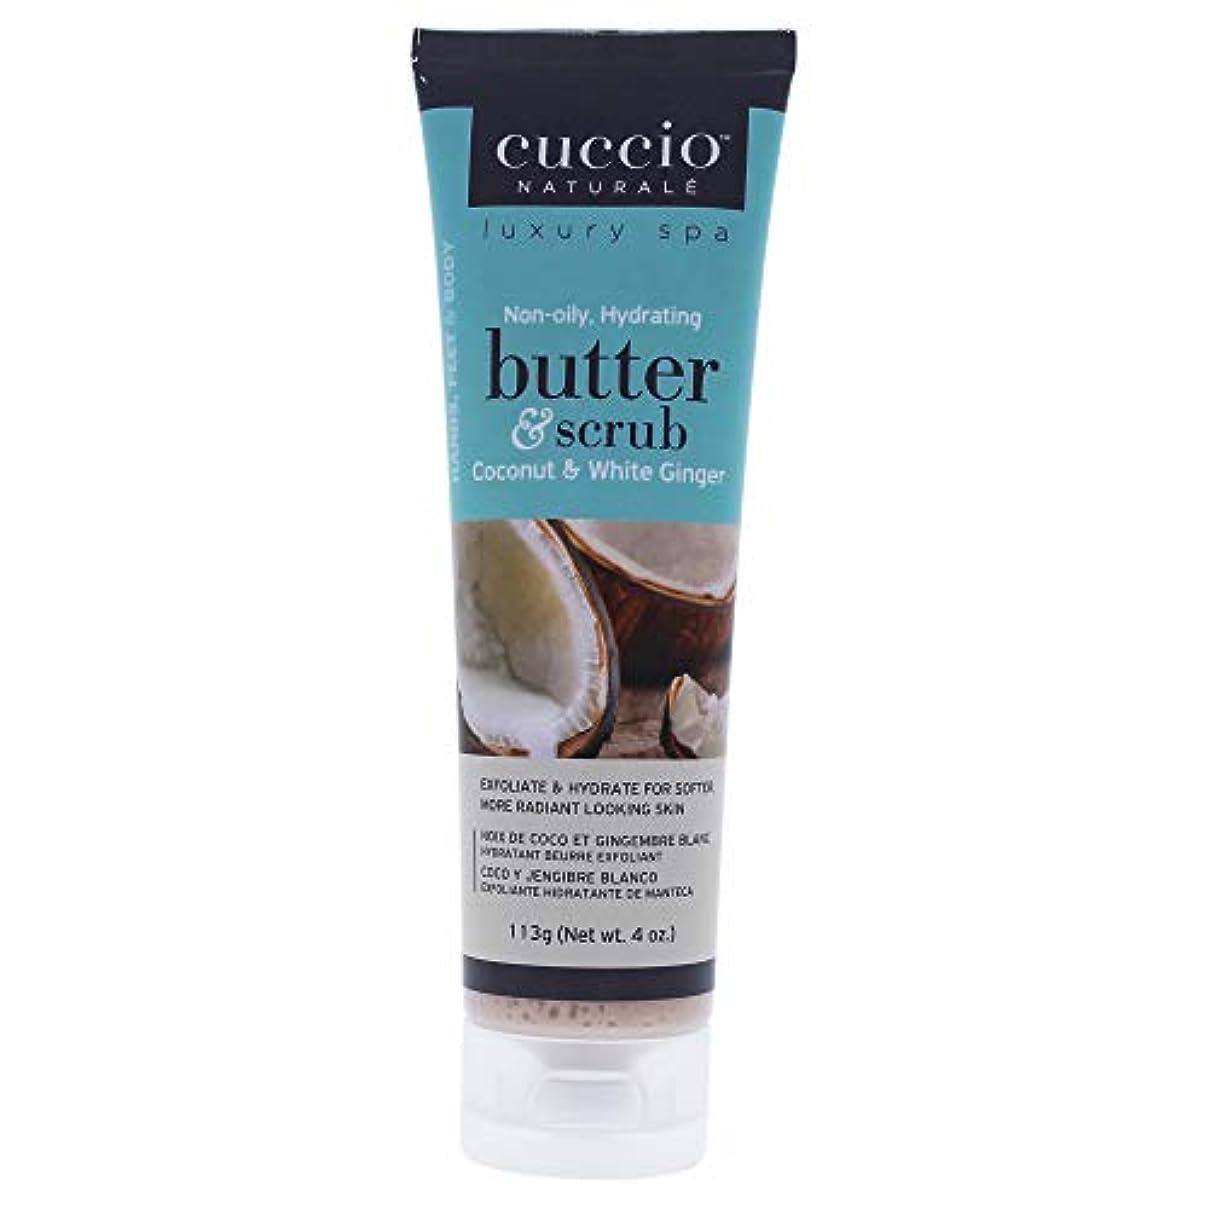 技術的な福祉無心クシオ(CUCCIO) バタースクラブチューブ ココナッツ&ホワイトジンジャー 113g